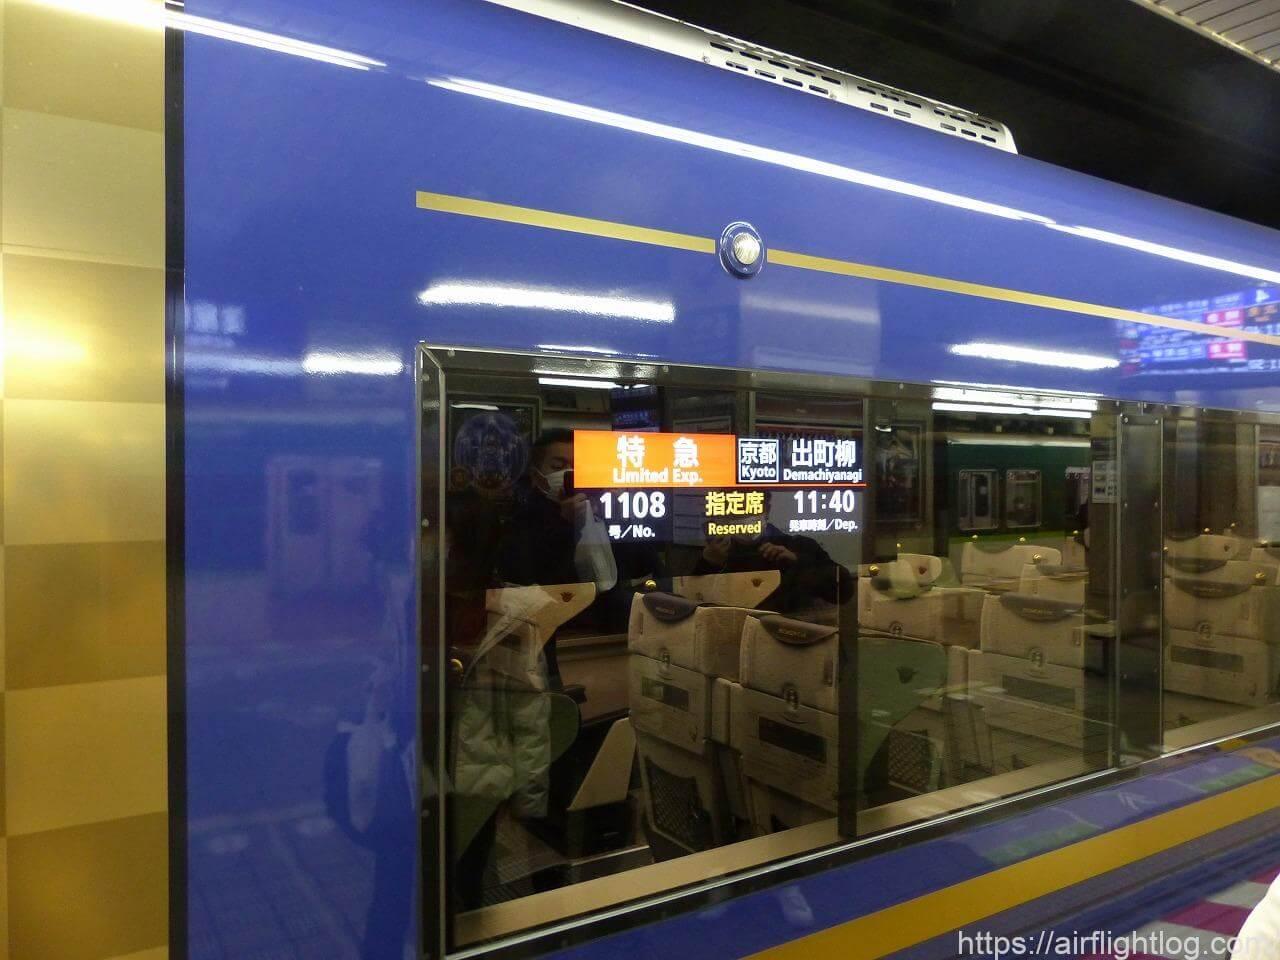 京阪3000系プレミアムカー行先表示機